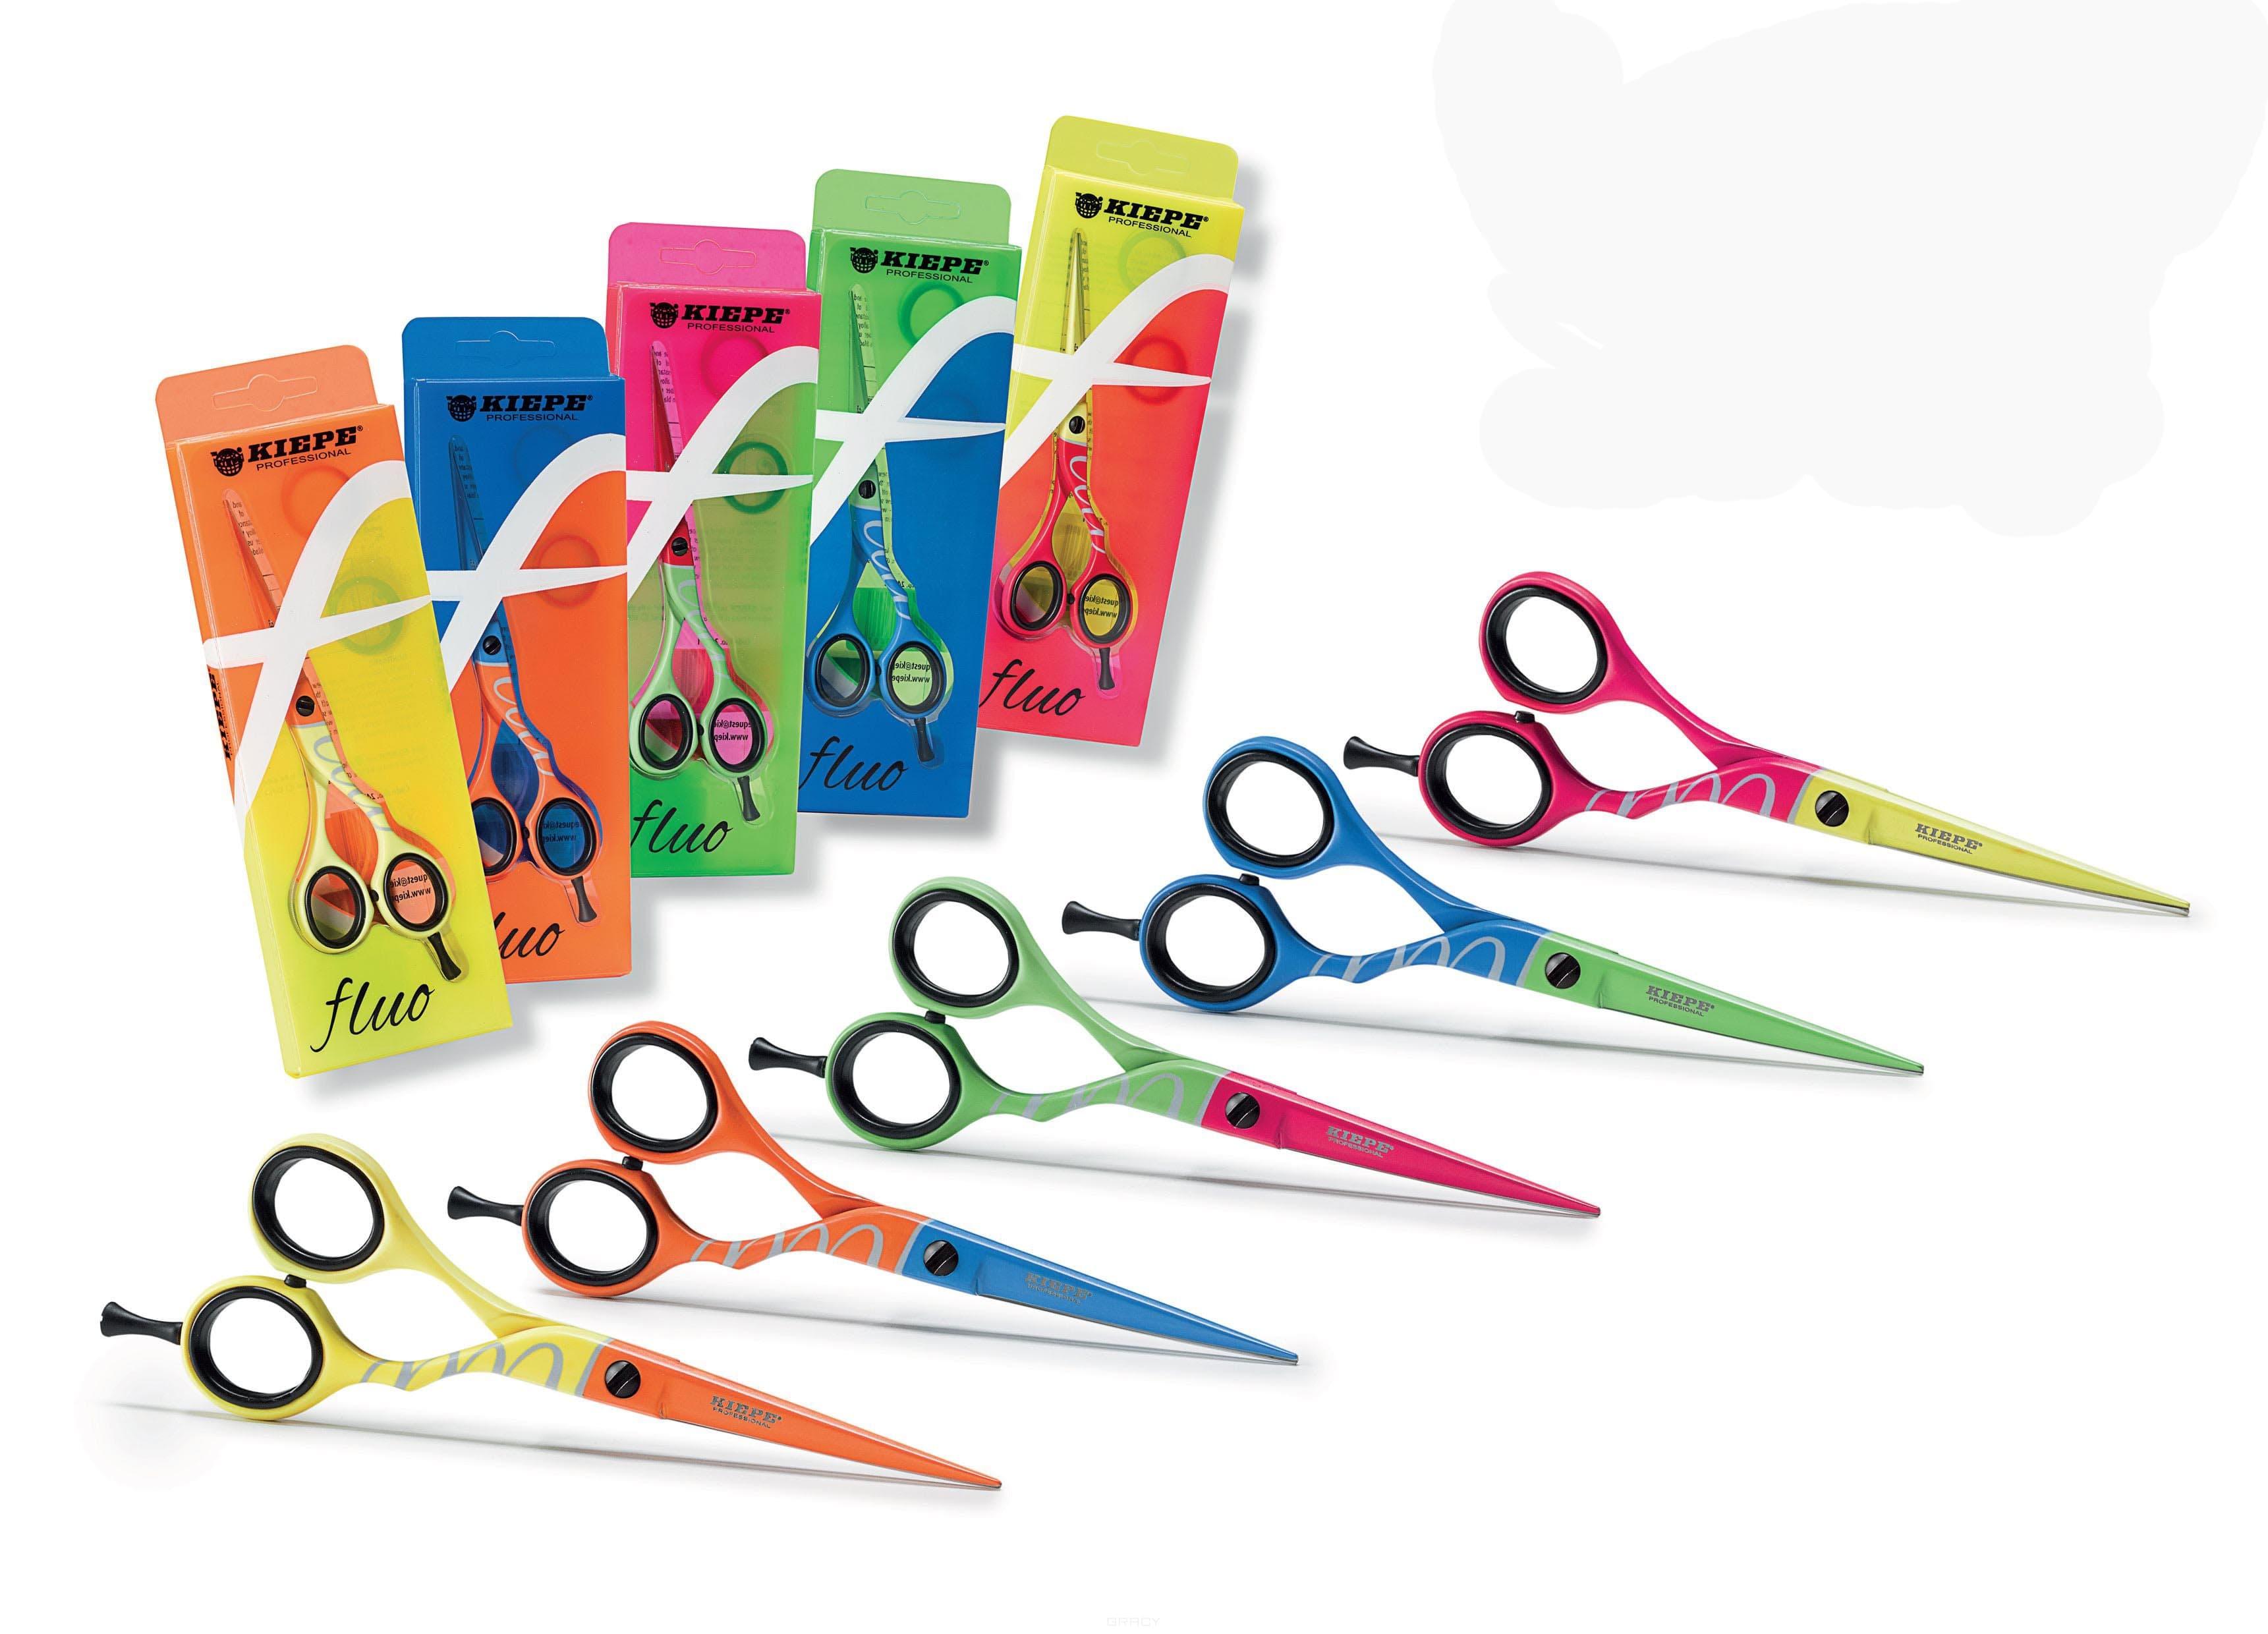 Kiepe, Ножницы прмые 5,5 Fluo оранжево-желтые (5 цветов), 1 шт, зелено-розовые 2438-55-1Ножницы дл стрижки волос<br><br>